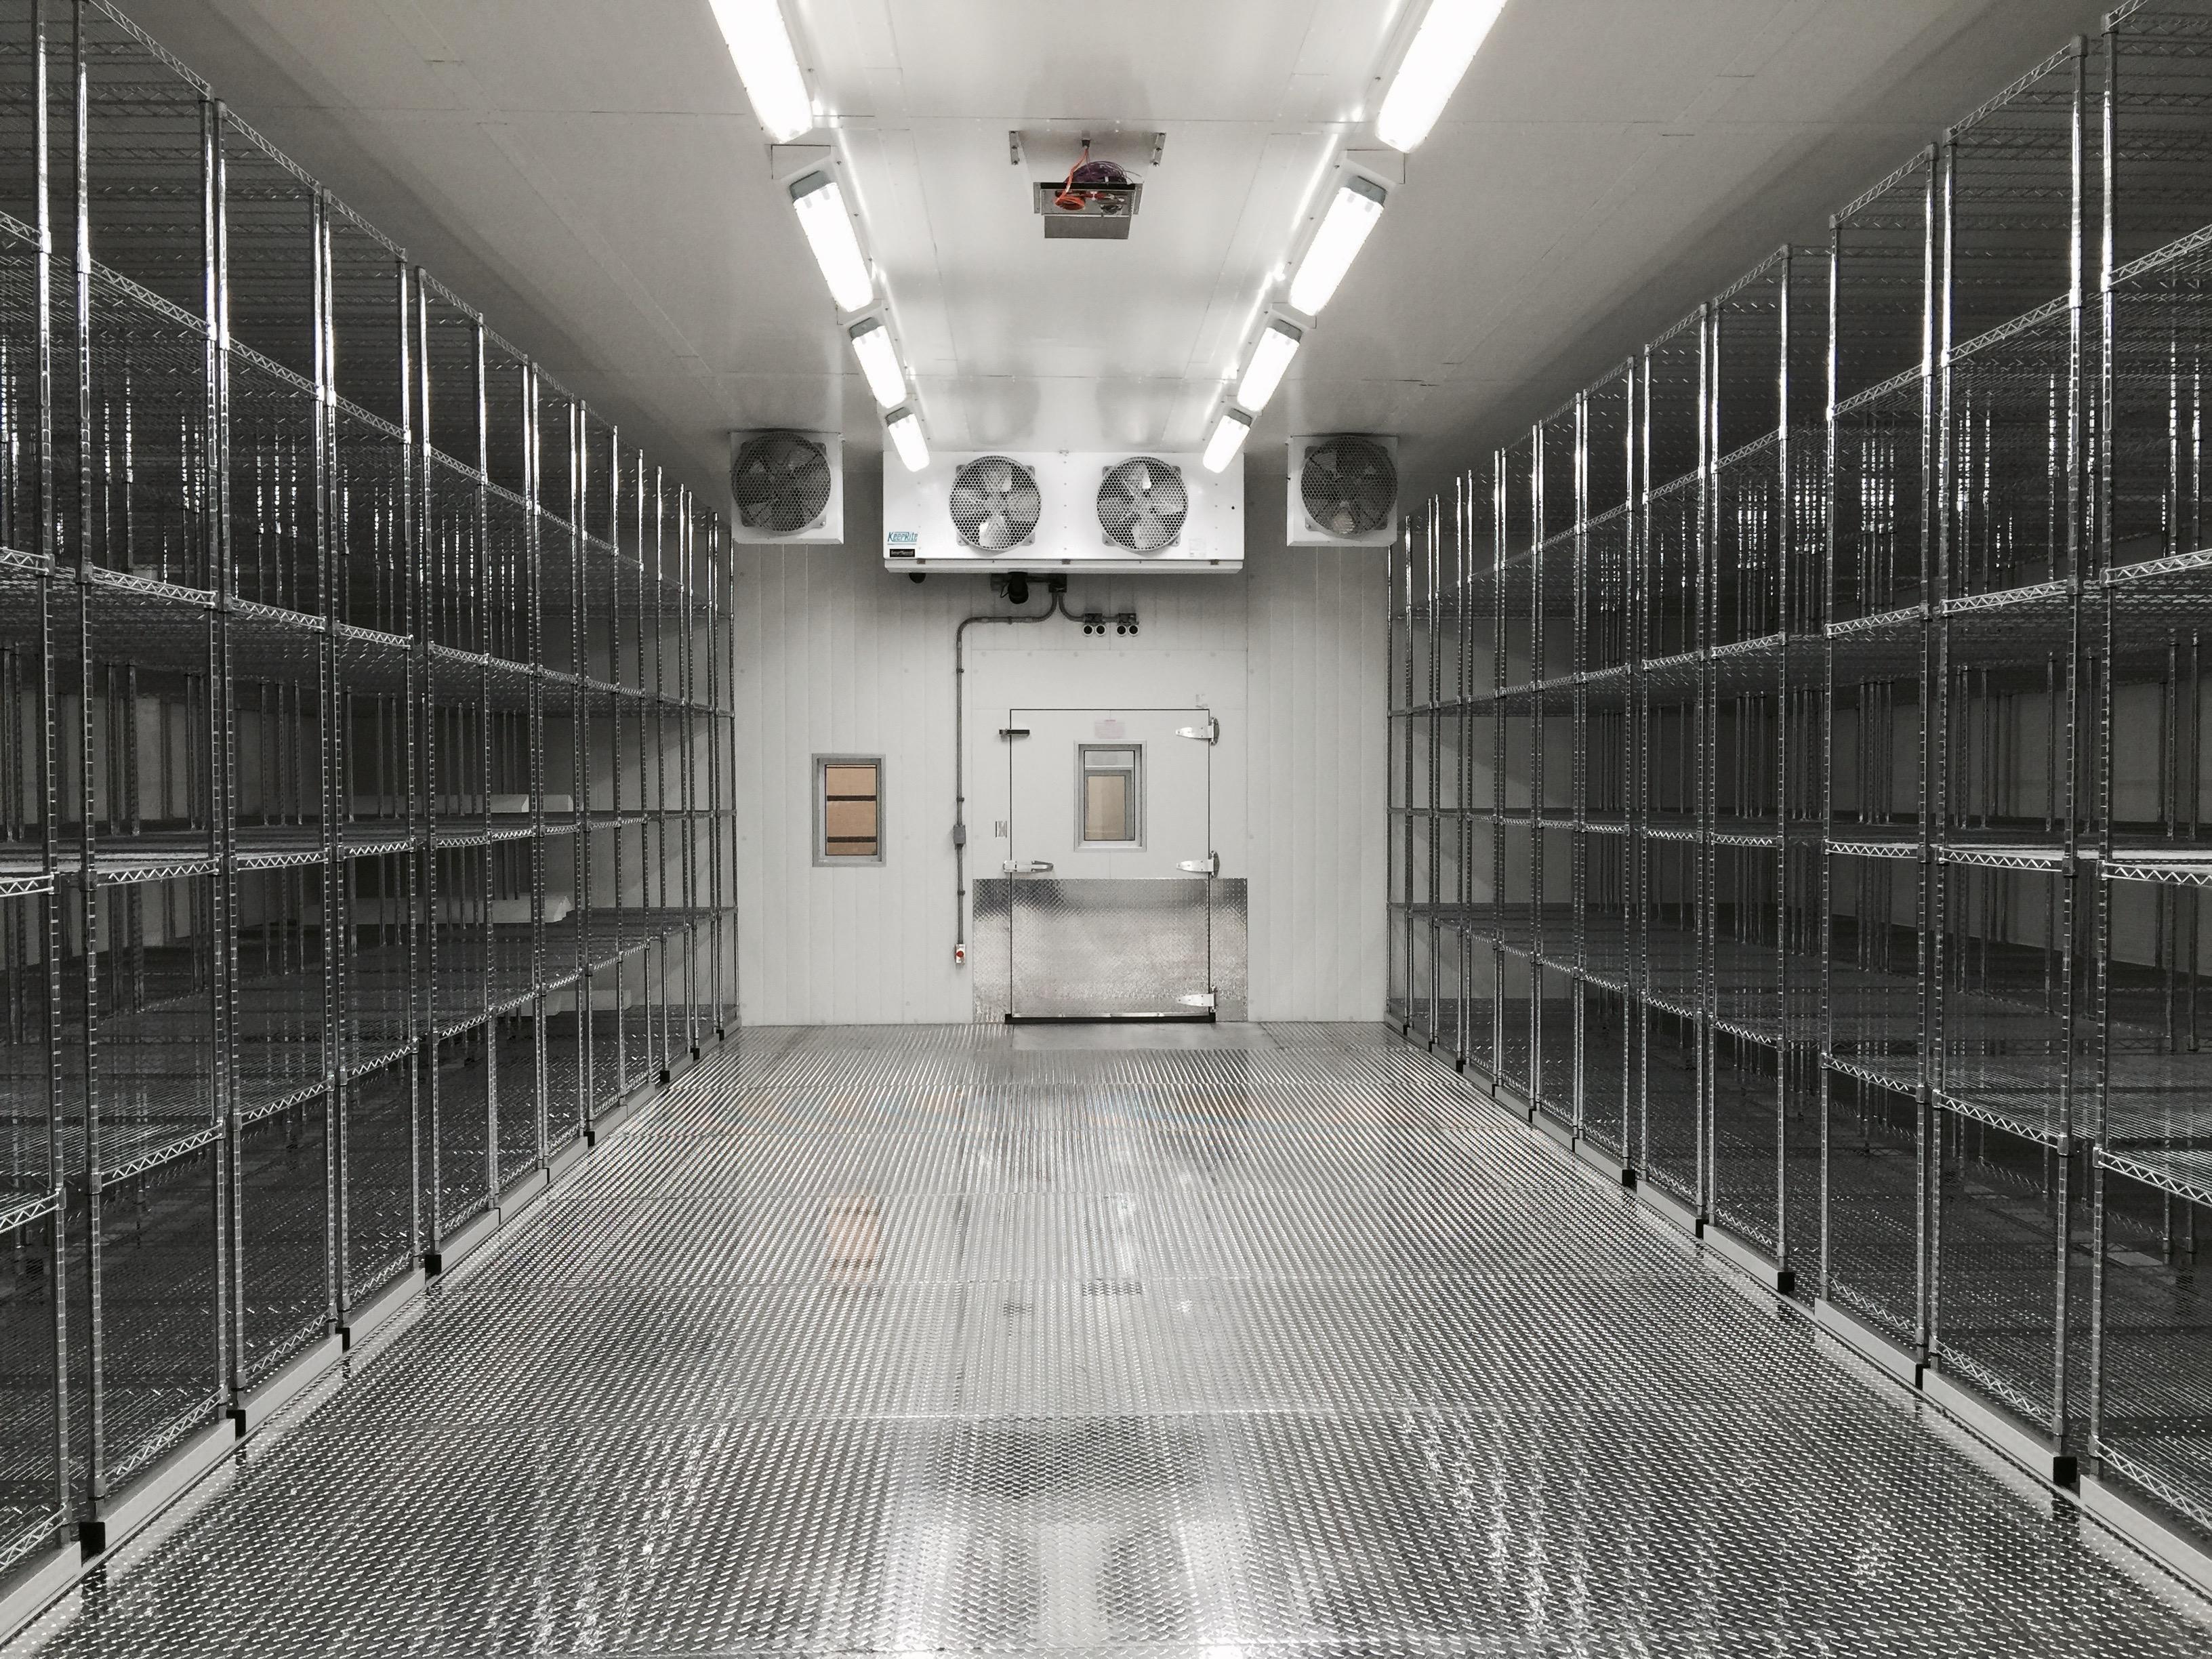 Cold Room in Biostorage Facility Masy